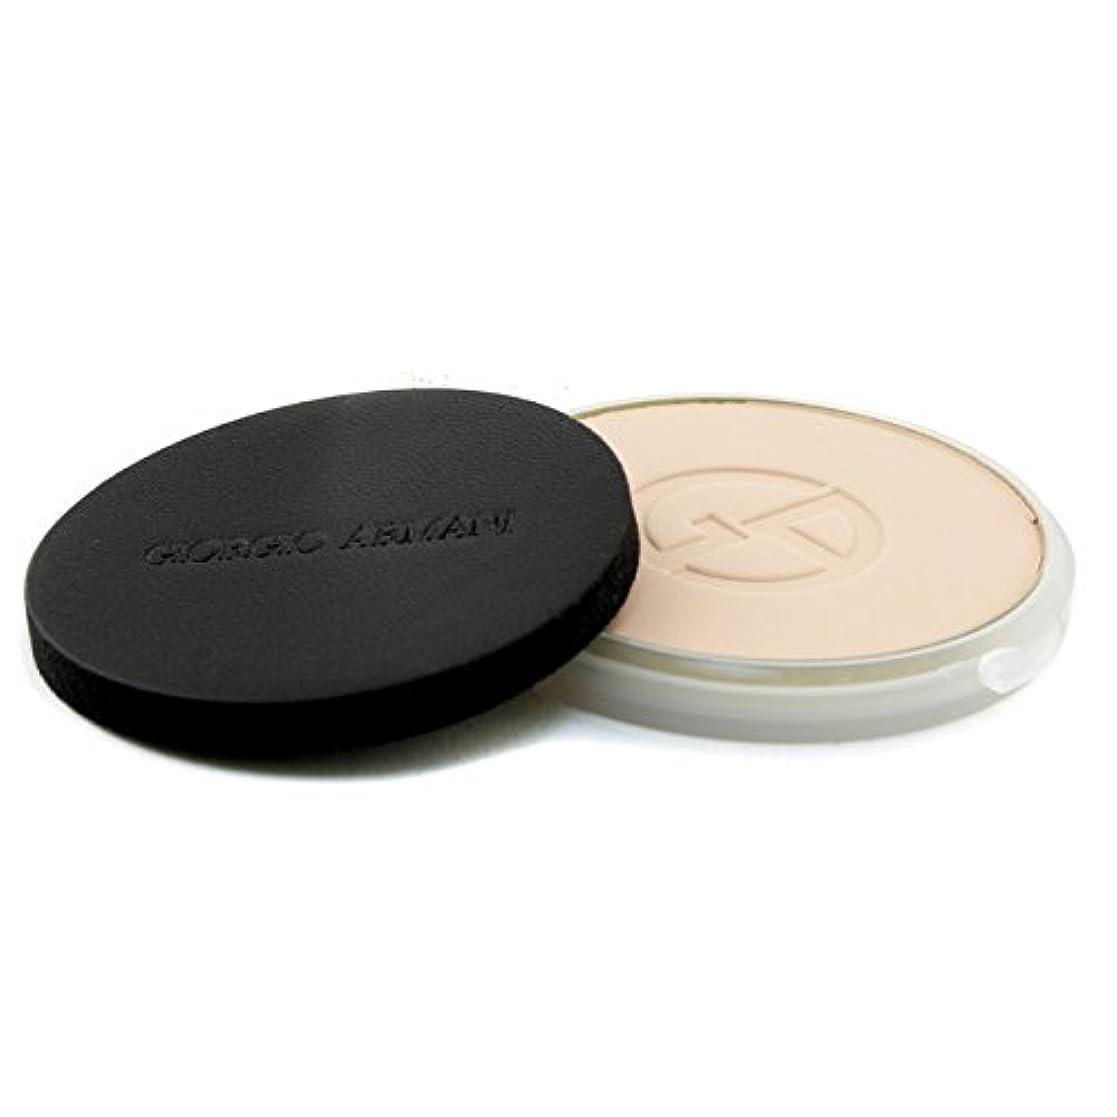 焦げ指令タイルジョルジオアルマーニ Lasting Silk UV Compact Foundation SPF 34 (Refill) - # 3 (Light Sand) 9g/0.3oz並行輸入品